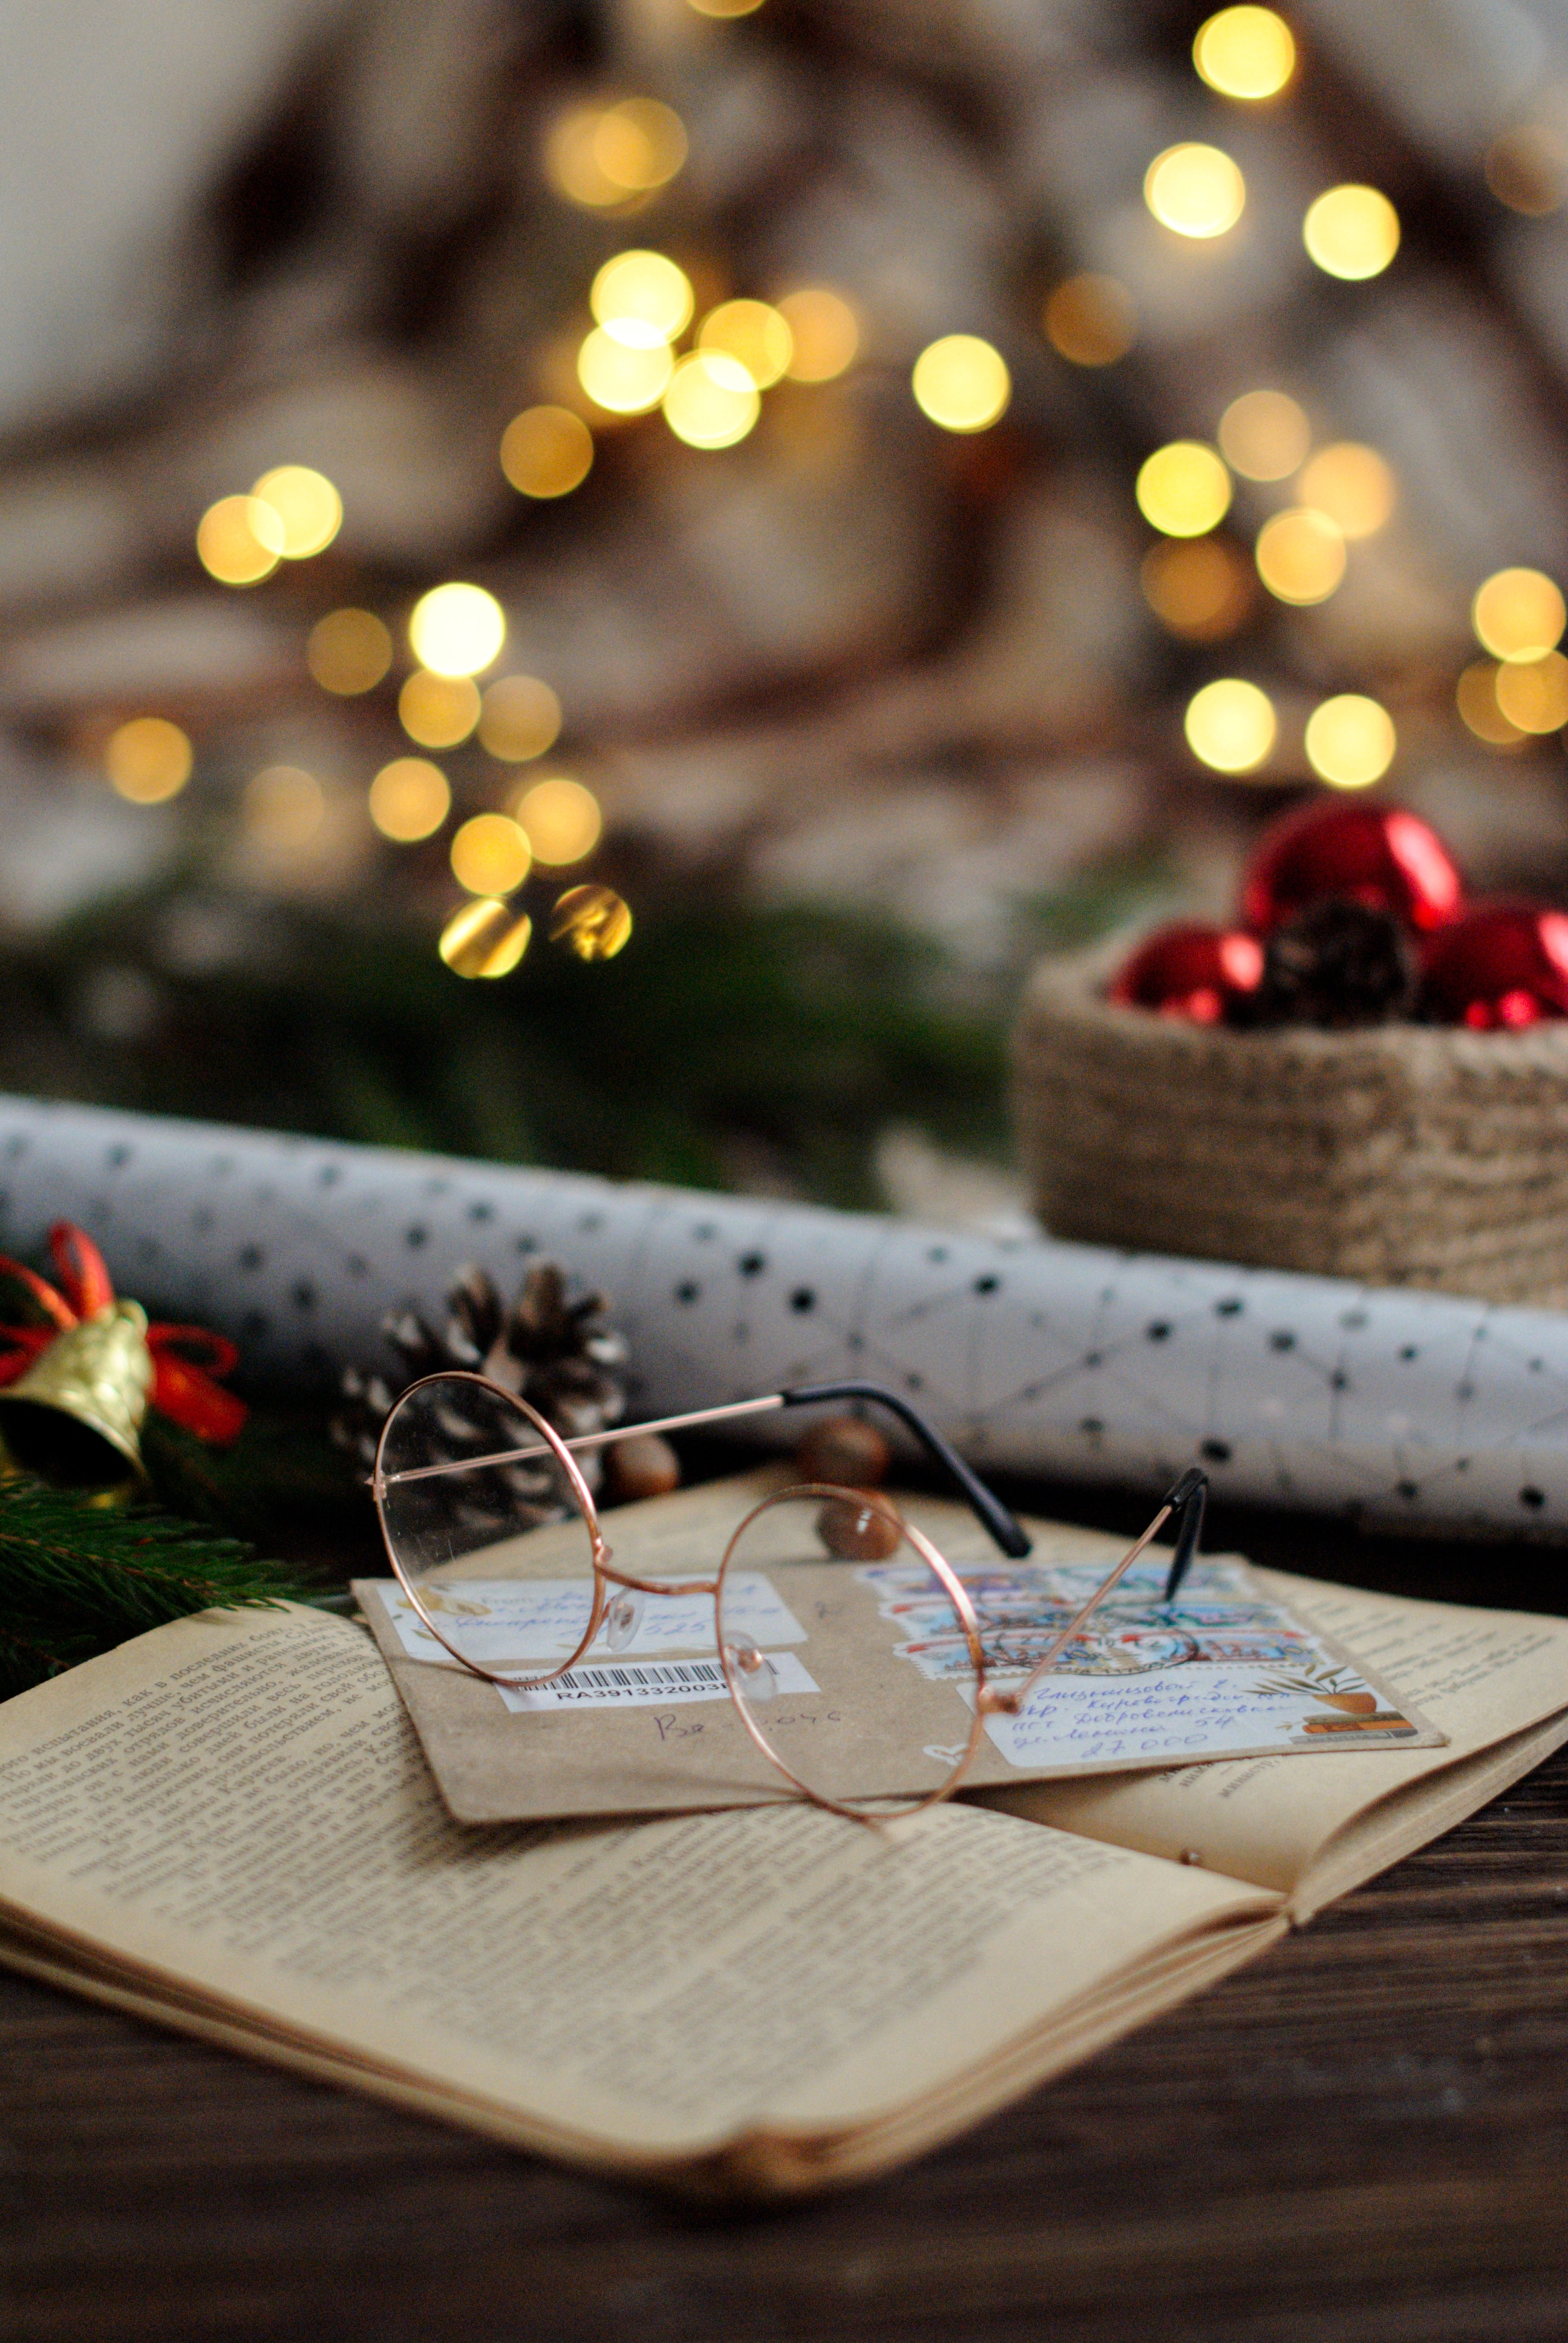 86199 скачать обои Праздники, Очки, Книга, Конверт, Украшения, Новый Год, Рождество - заставки и картинки бесплатно